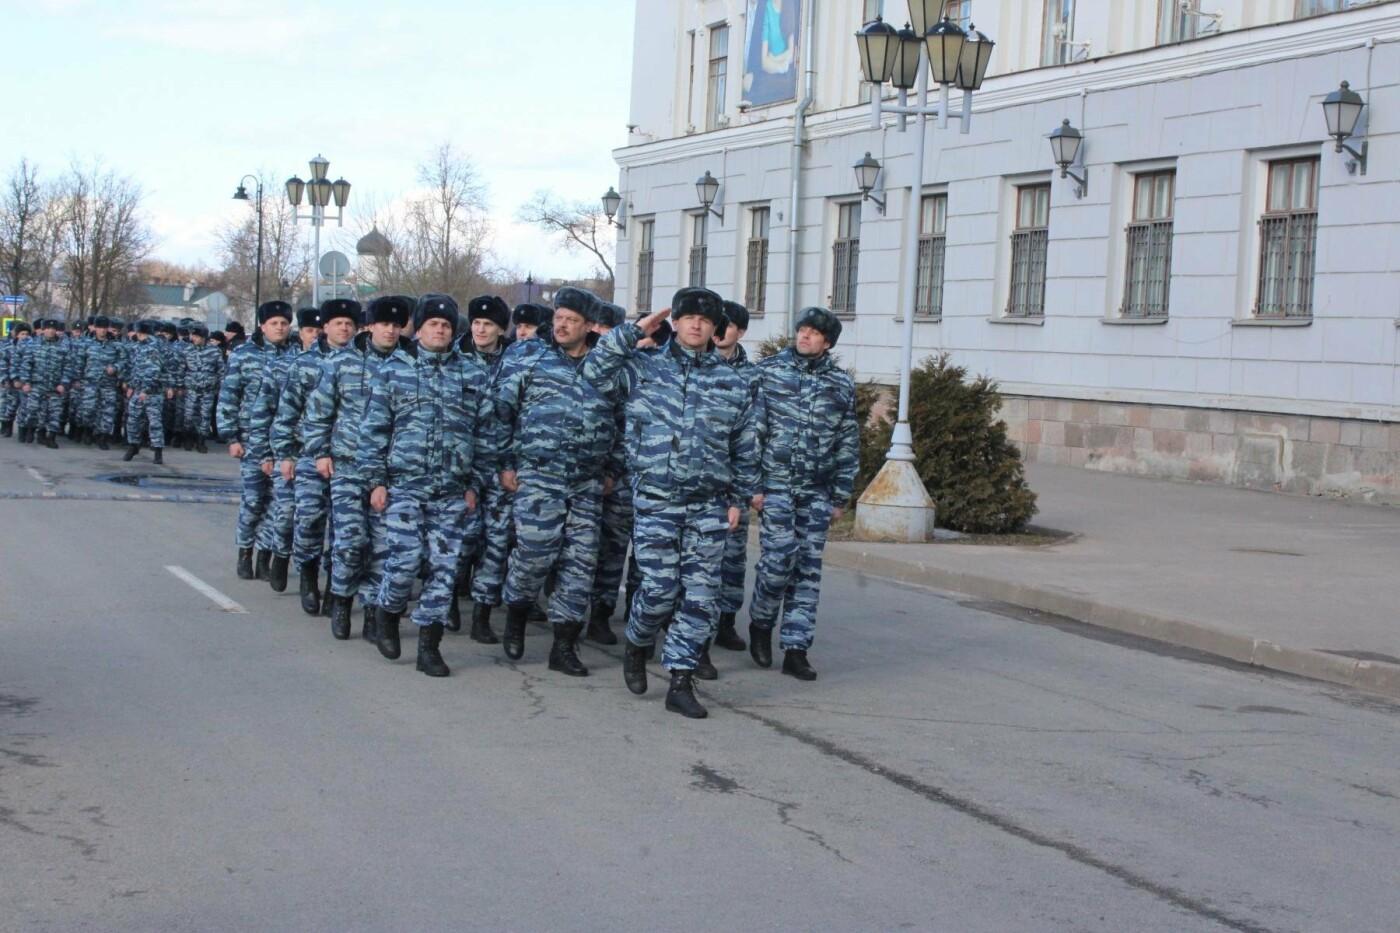 В Пскове состоялся гарнизонный развод нарядов Росгвардии, заступающих на службу по охране общественного порядка, фото-6